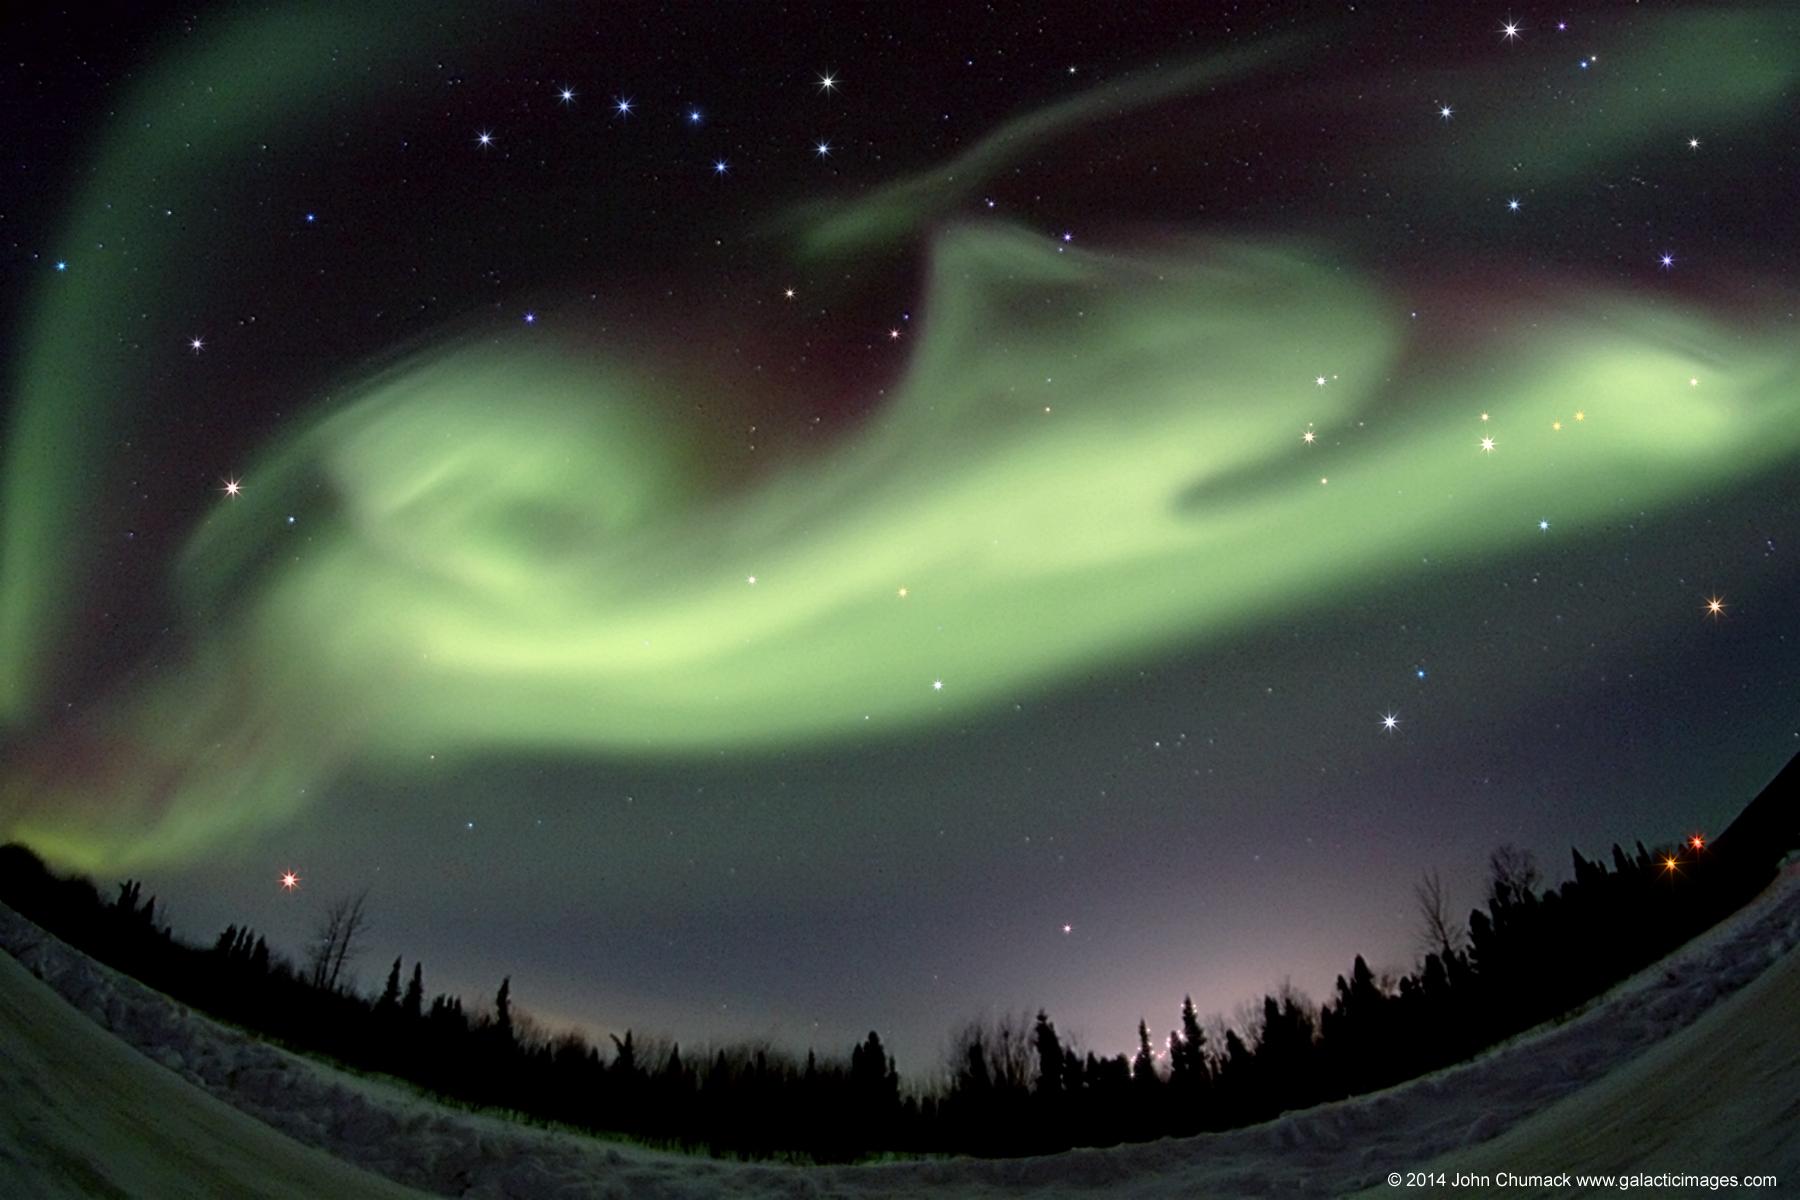 Aurora Borealis In Fairbanks Alaska on 03-21-2014